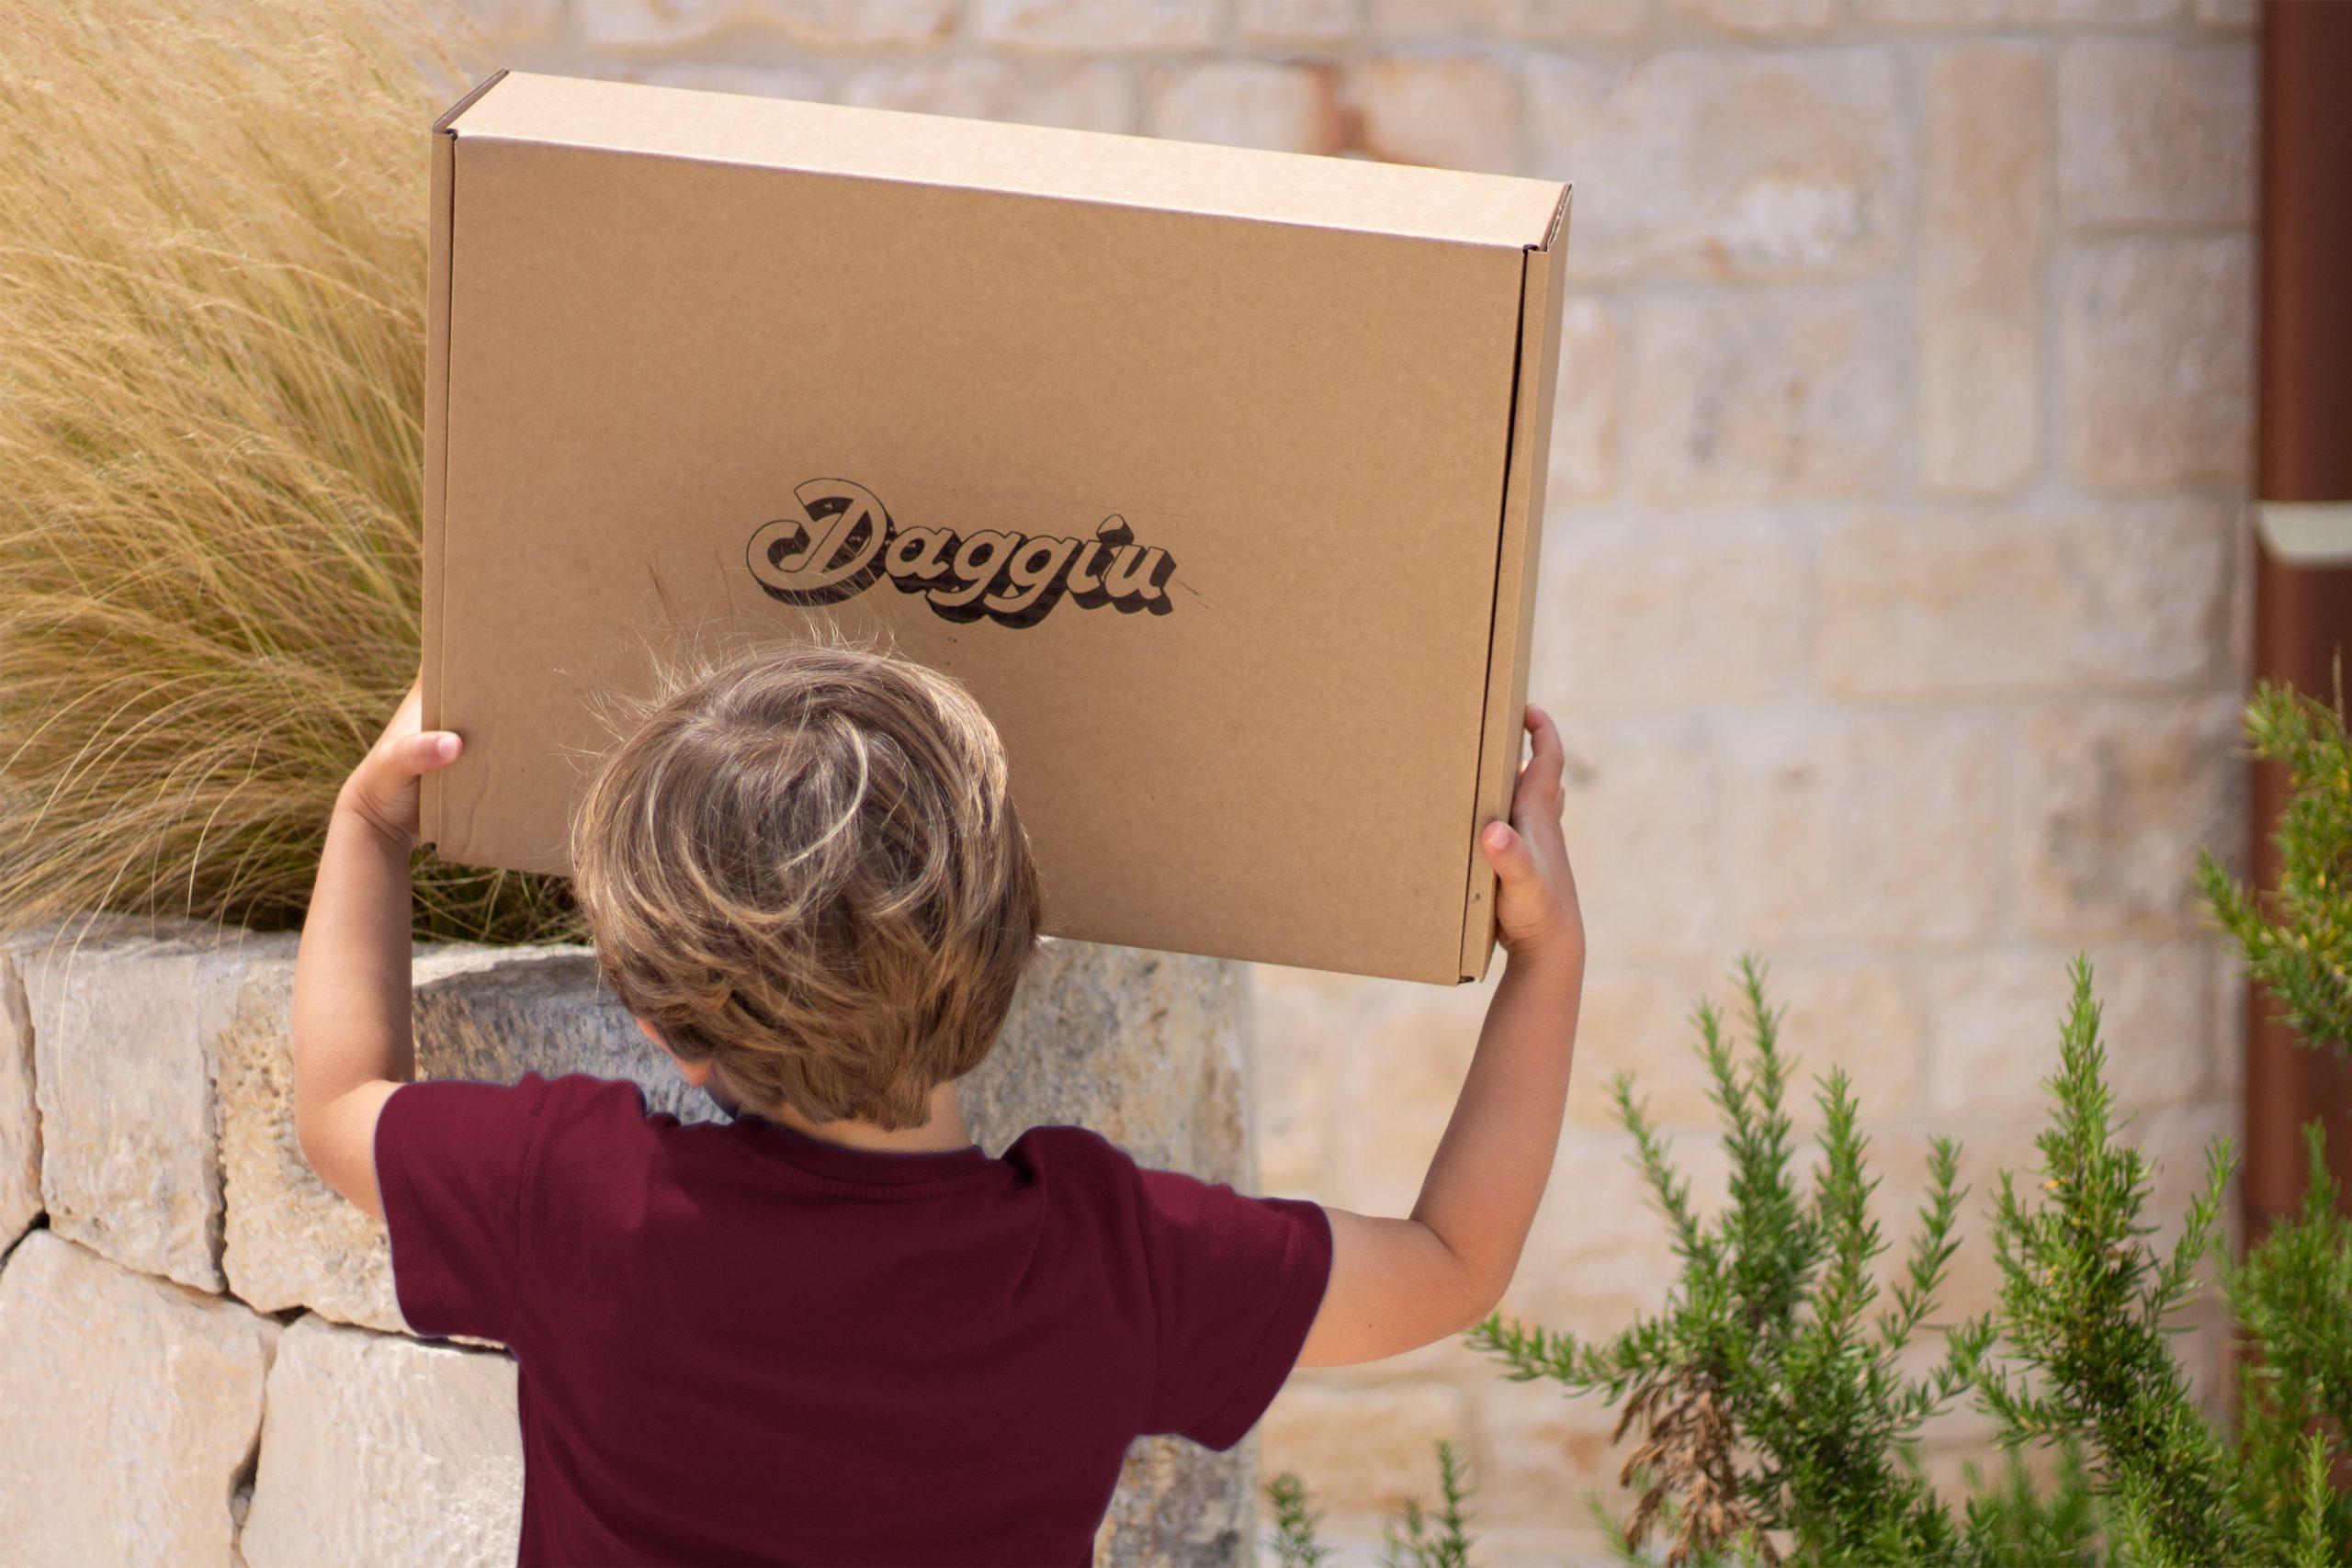 Un bambino regge il pacco da giù che ha ricevuto